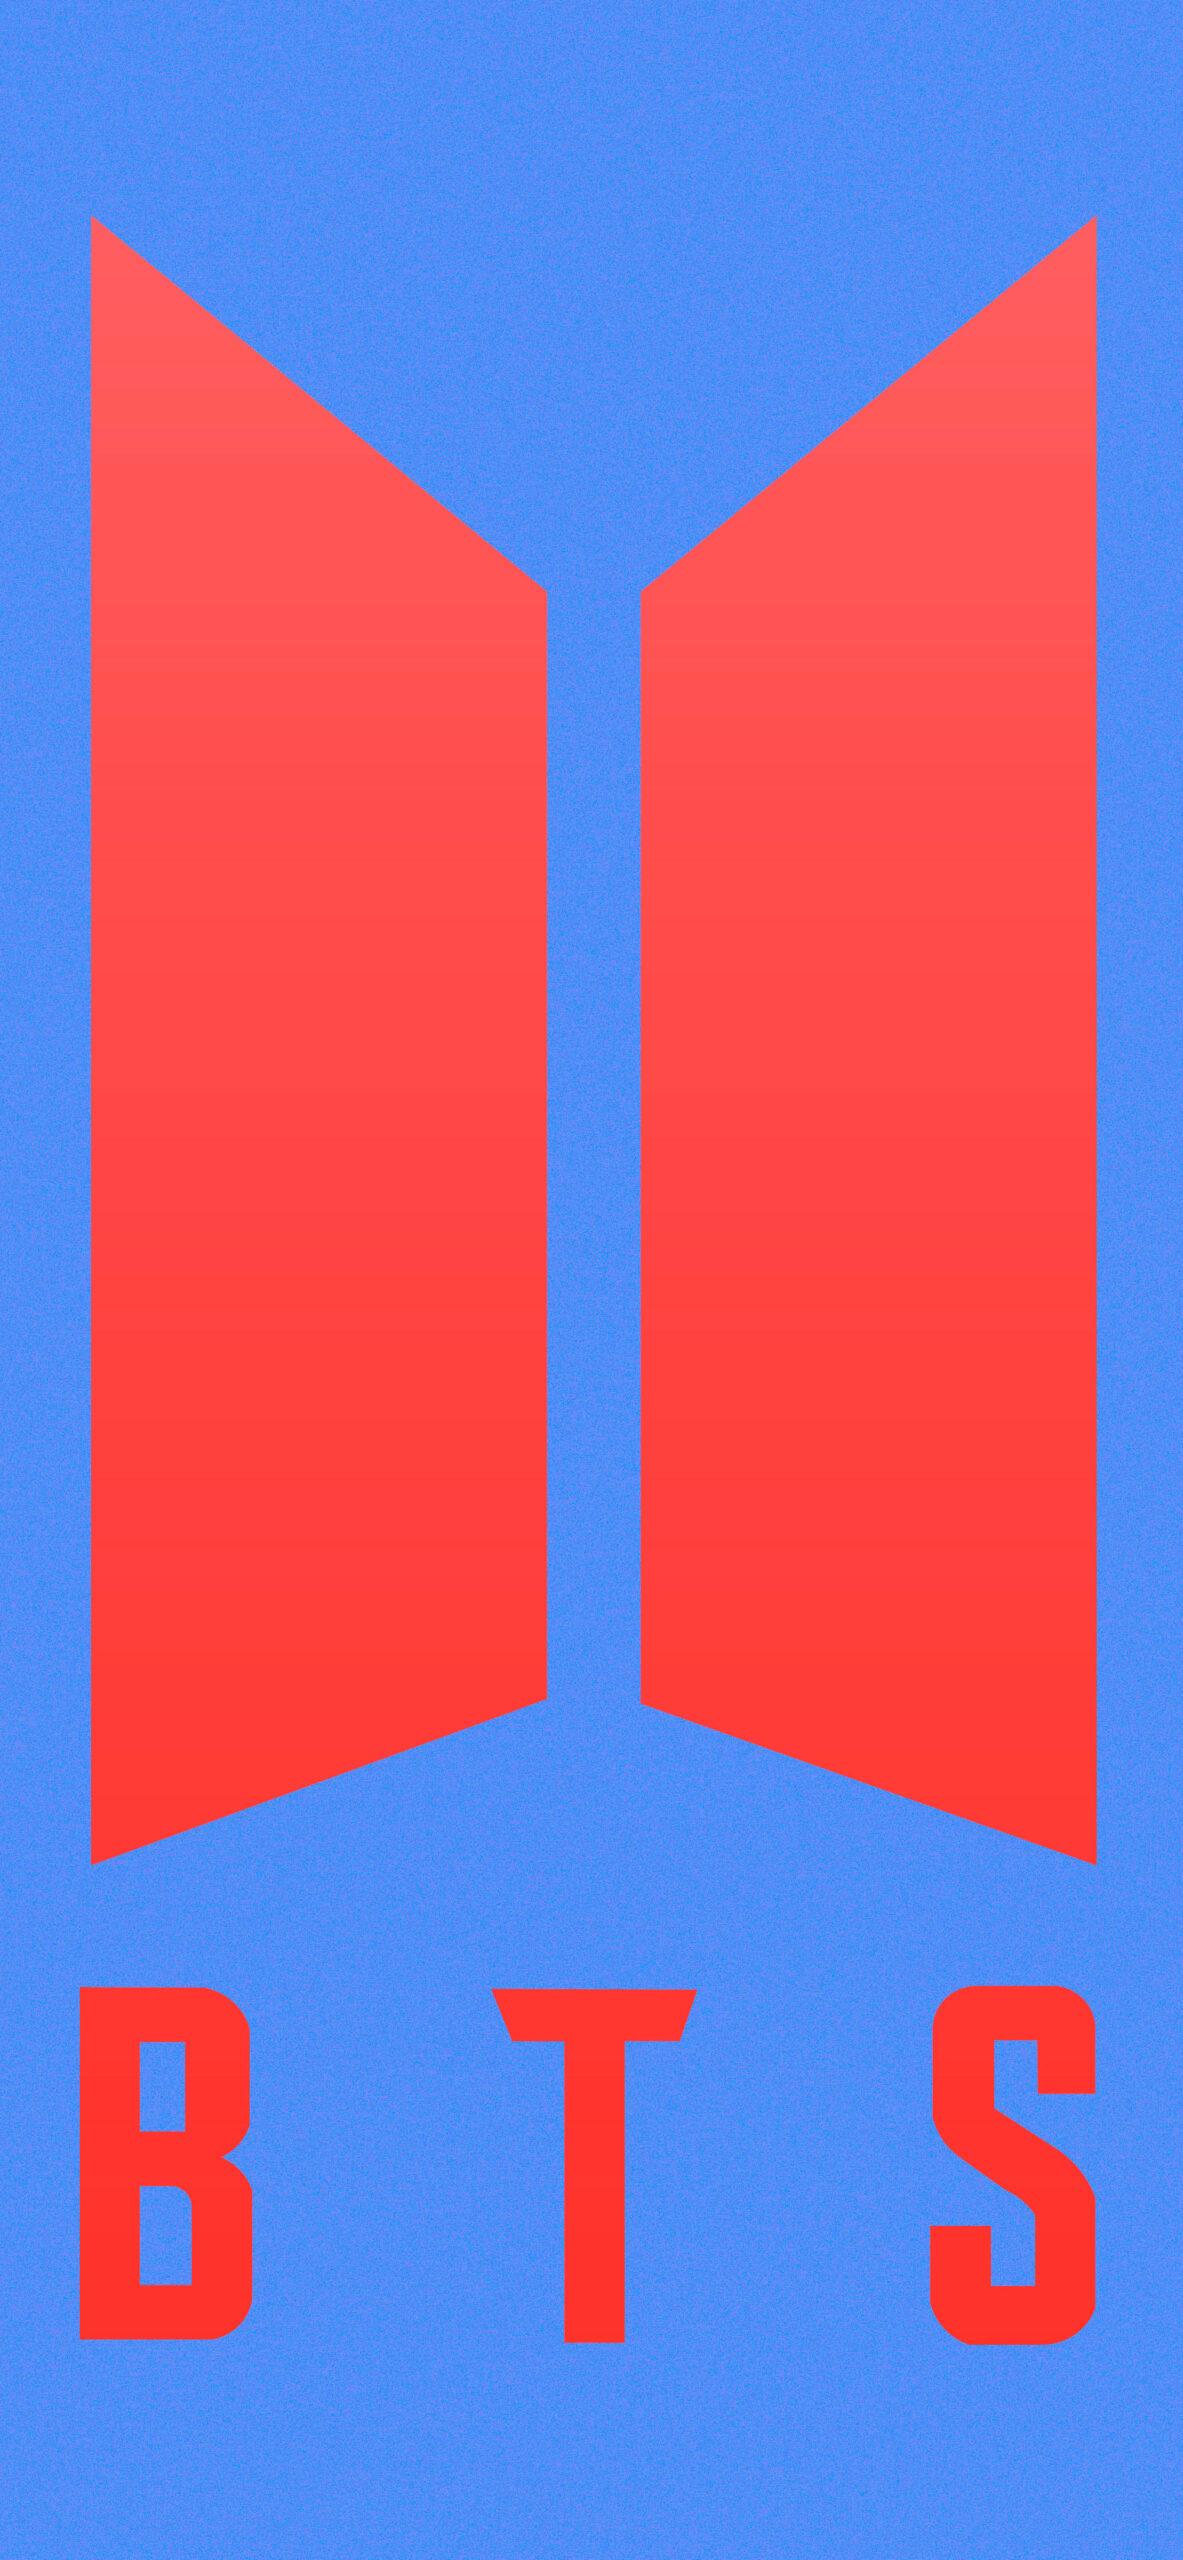 bts bt21 tata blue background